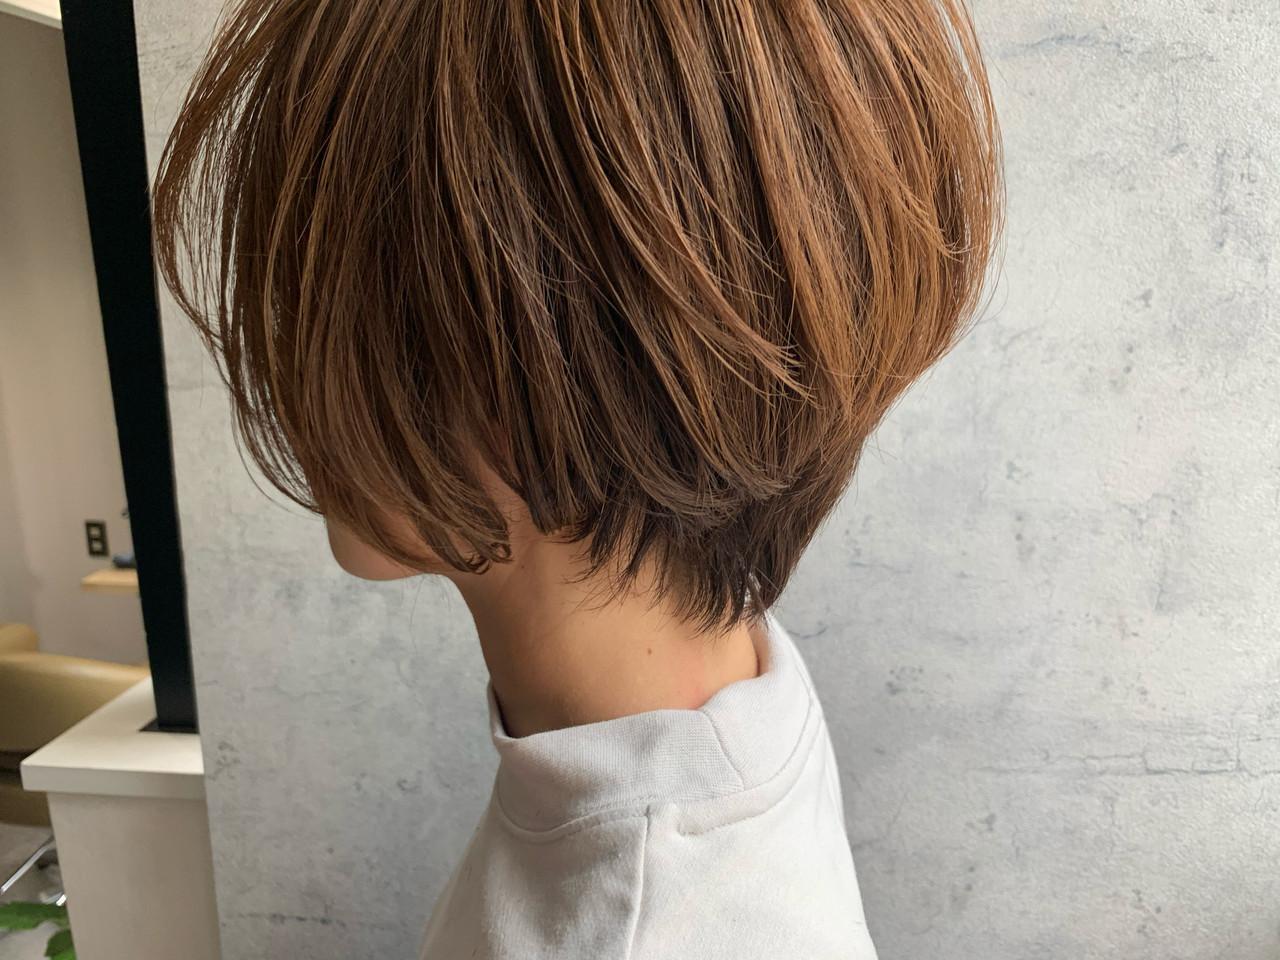 ショート ナチュラル ショートヘア ショートボブ ヘアスタイルや髪型の写真・画像